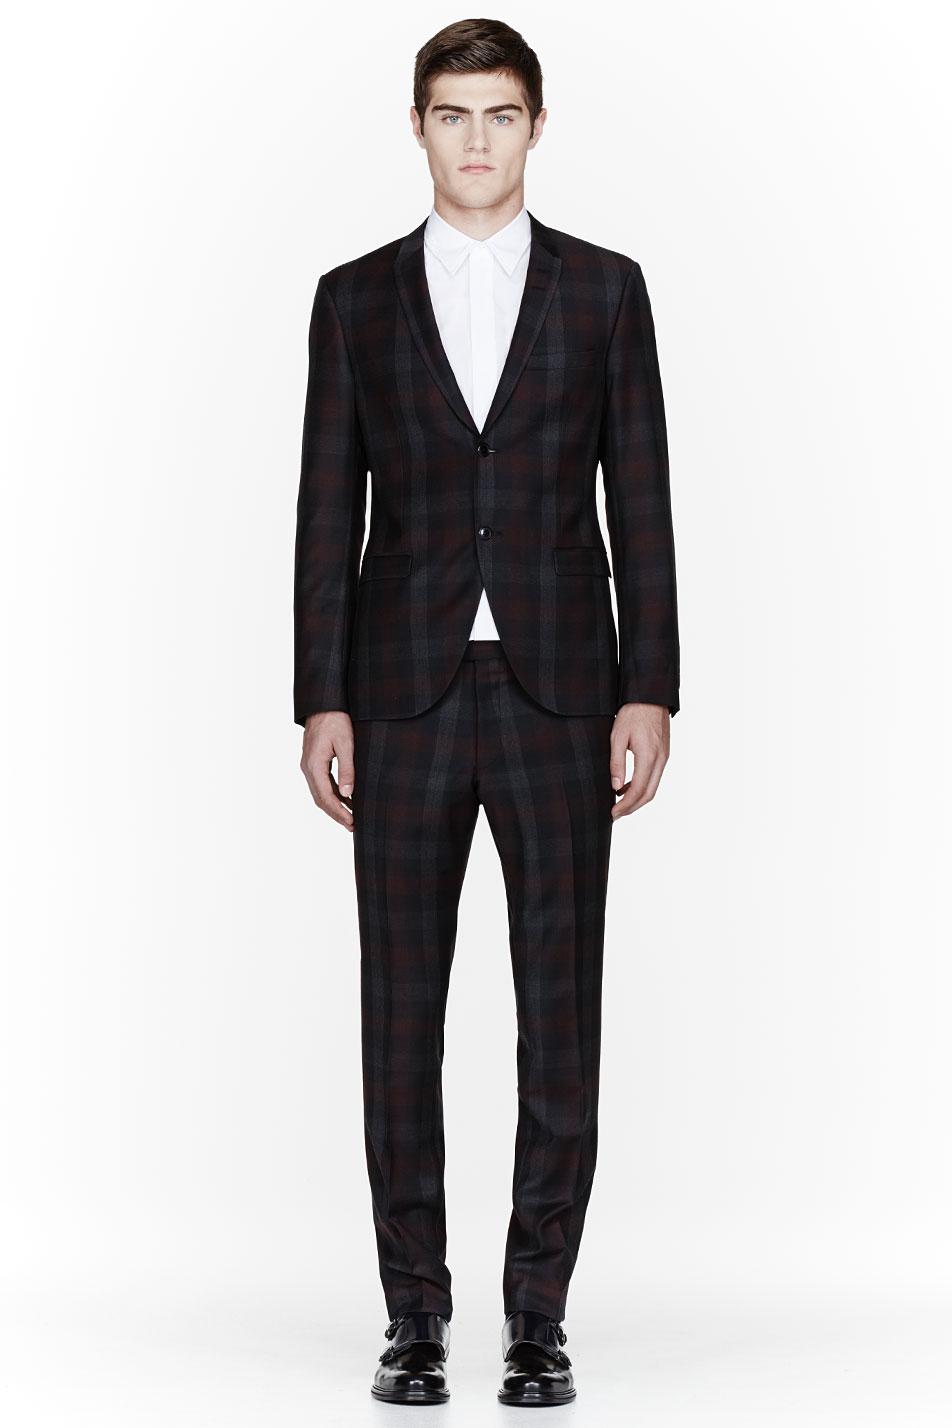 Tiger of Sweden suit